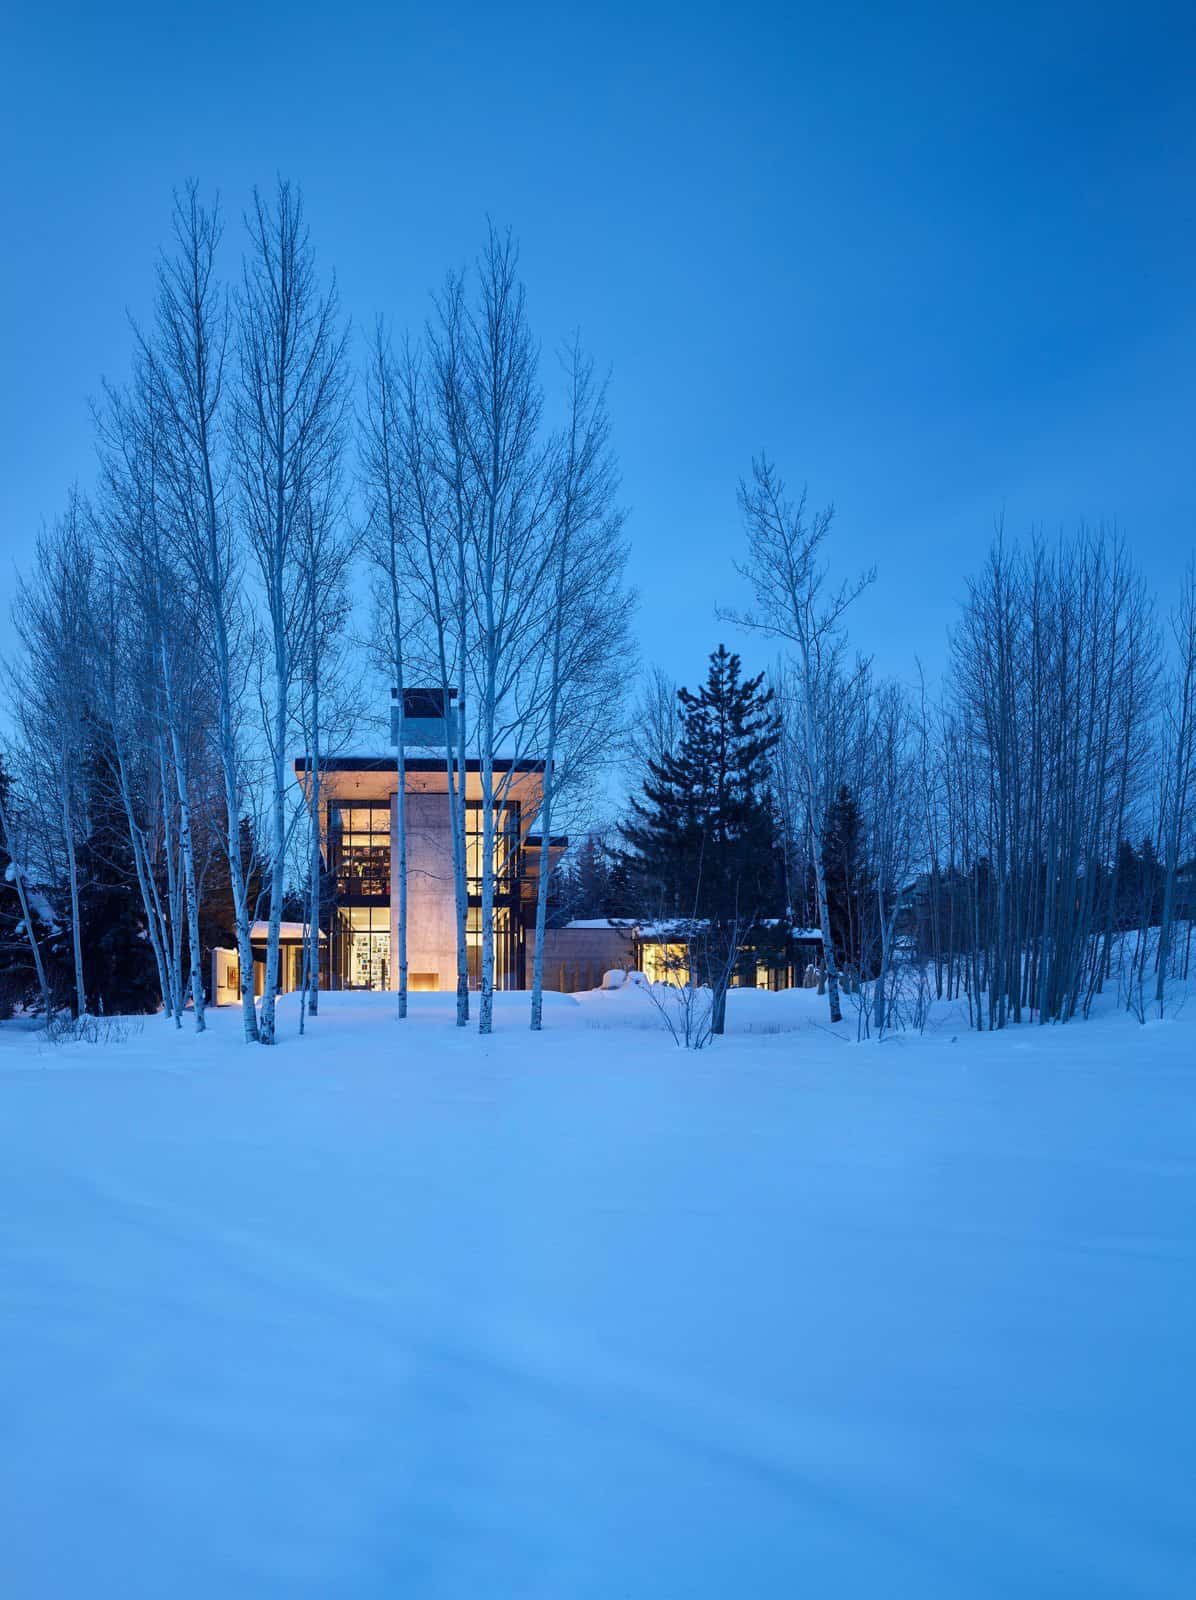 mountain-contemporary-home-exterior-with-snow